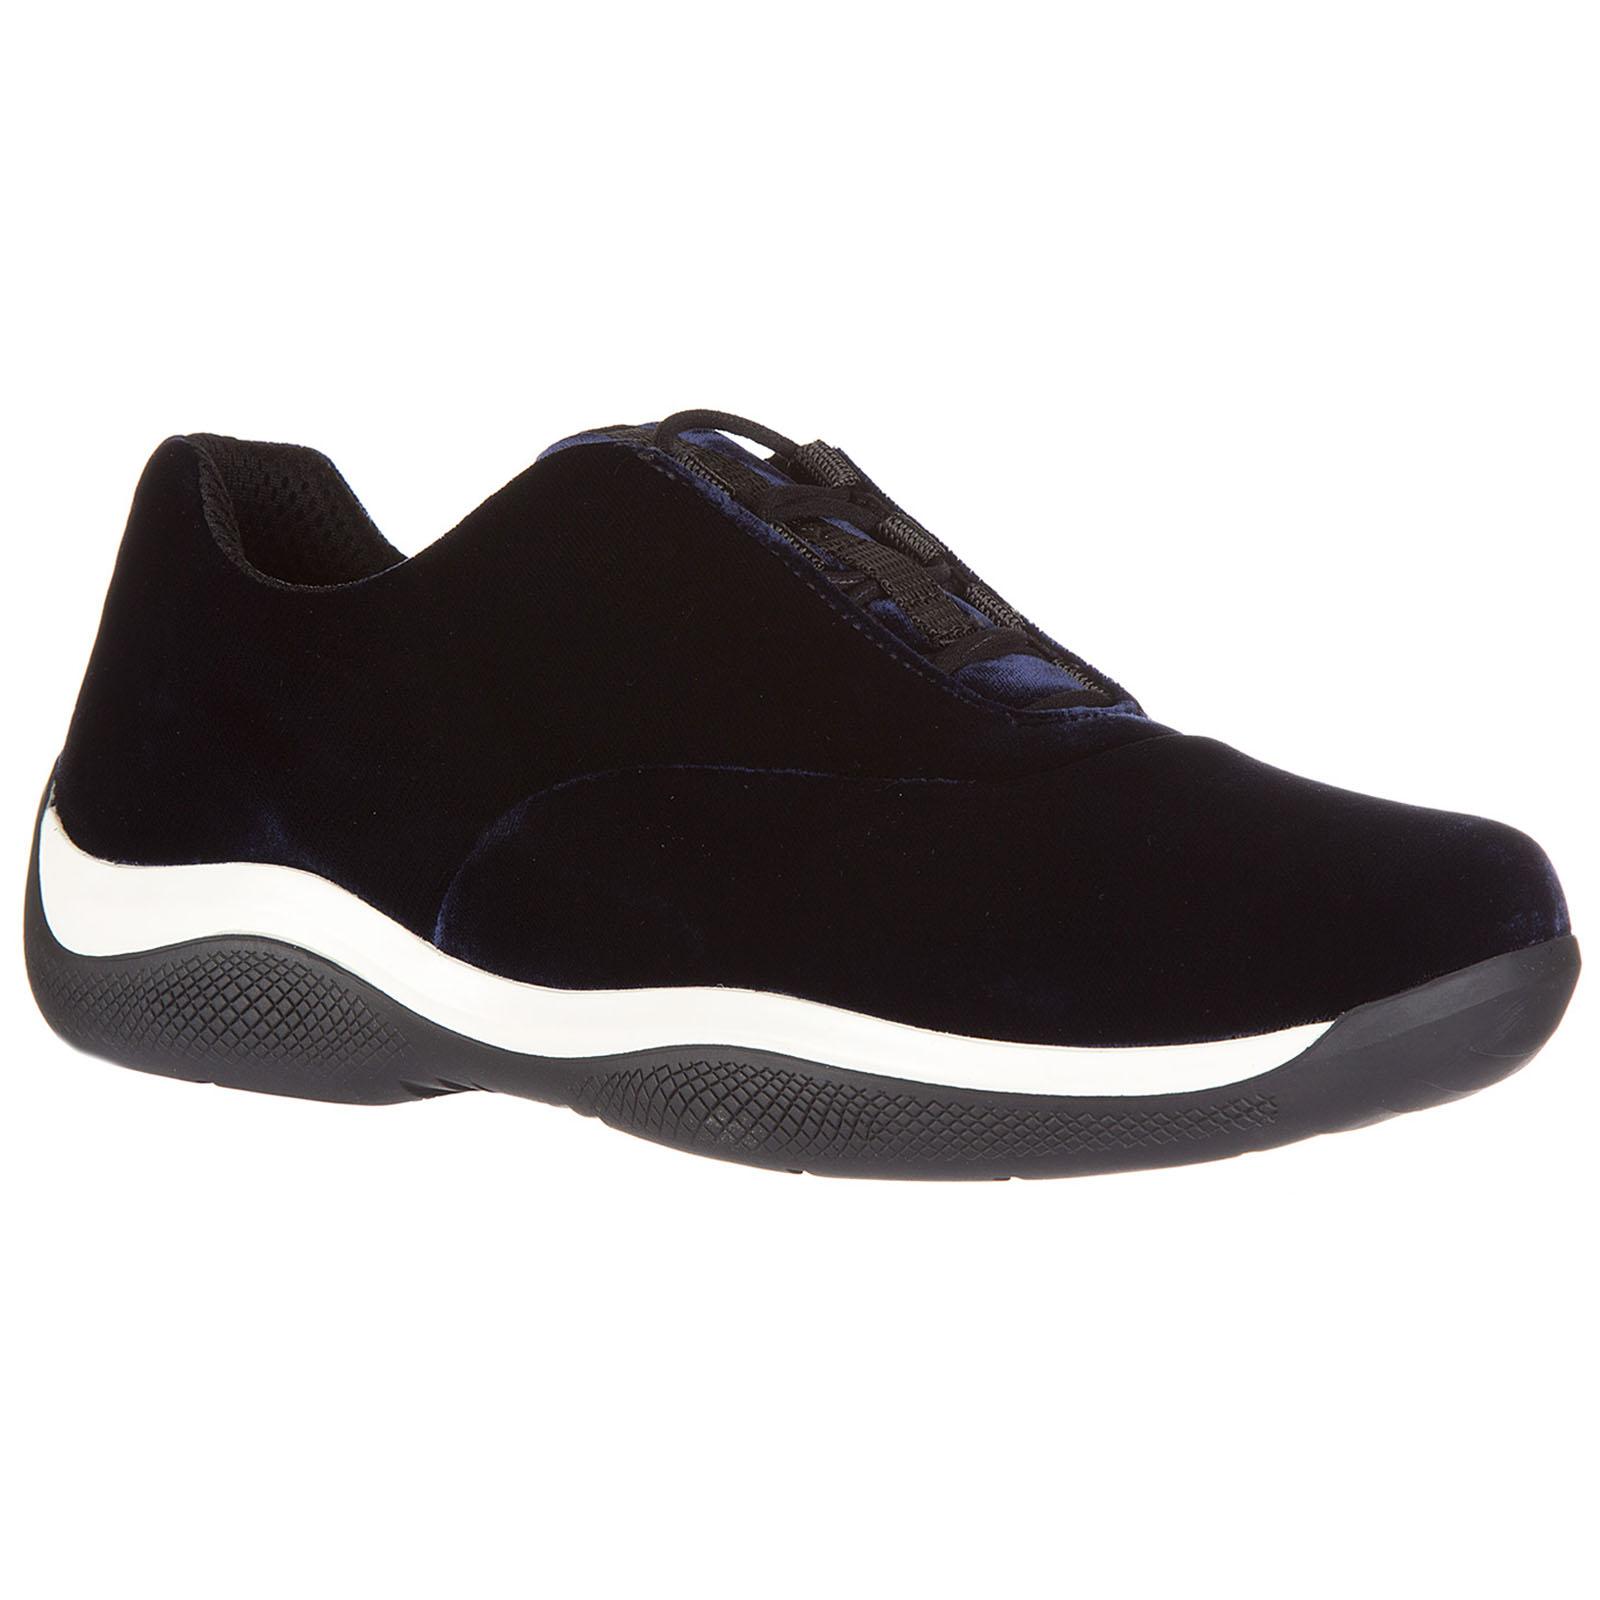 Damenschuhe damen schuhe sneakers turnschuhe